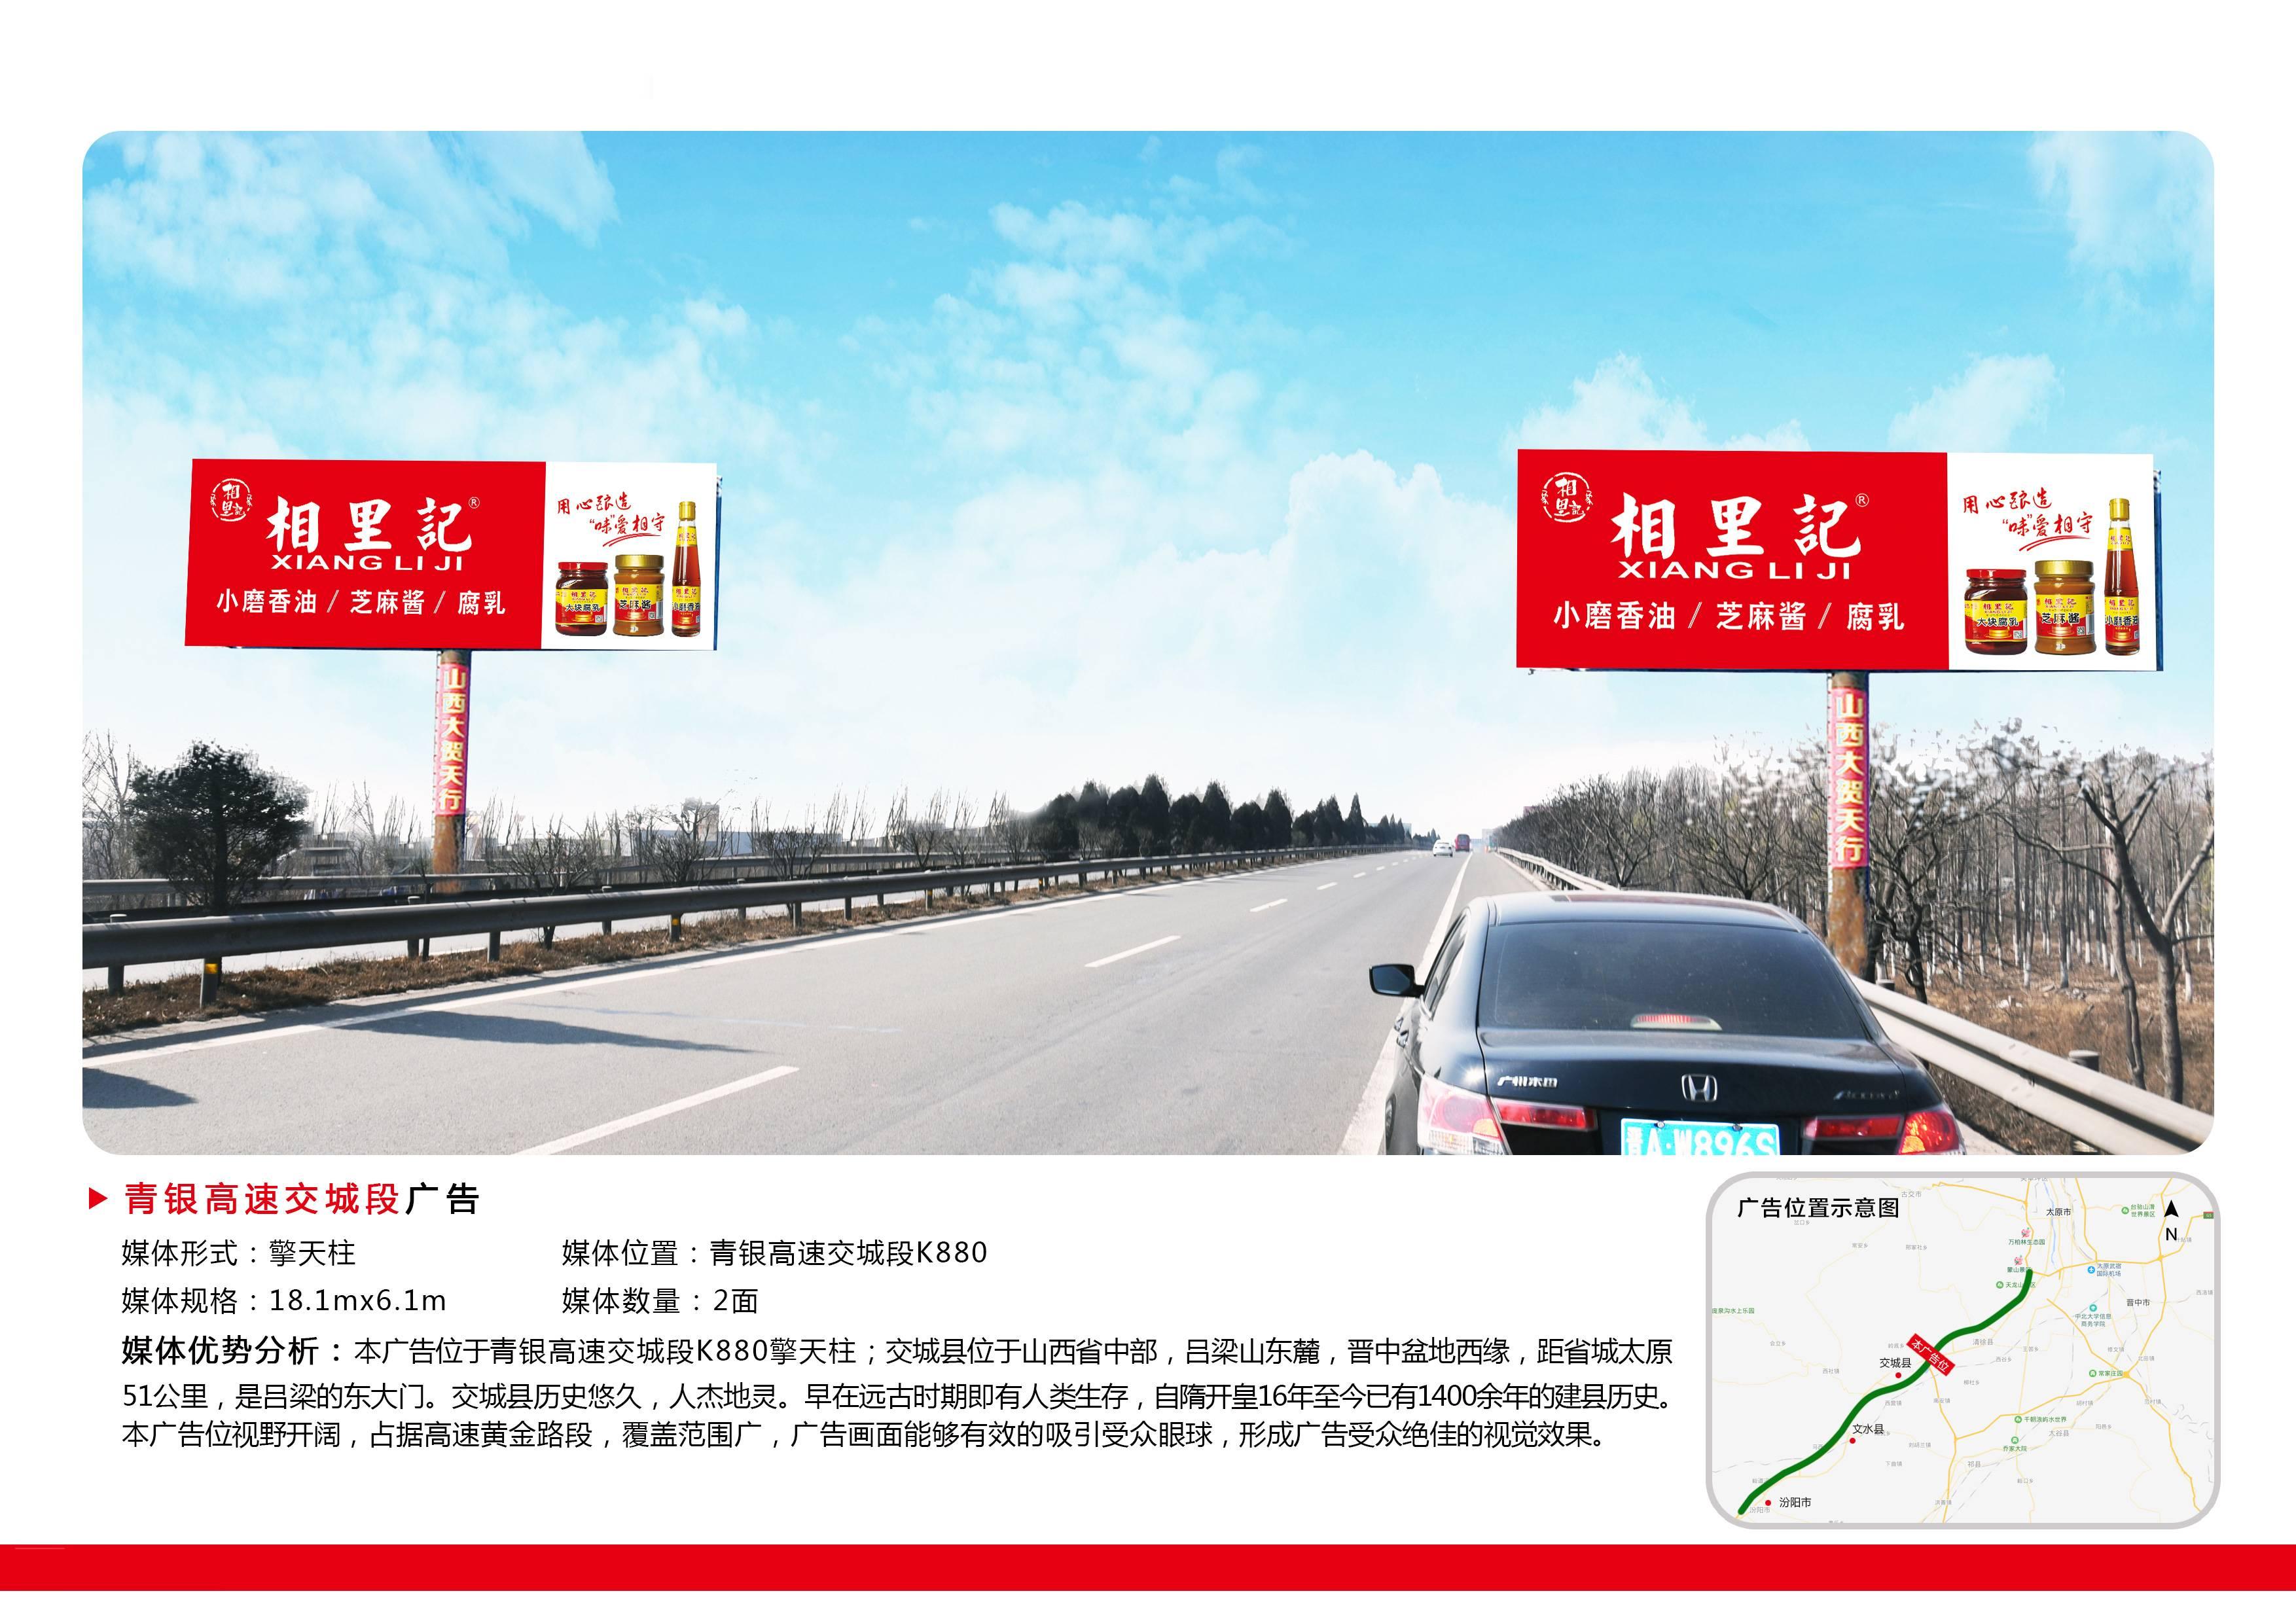 山西青银高速G20交城段高速公路牌广告位